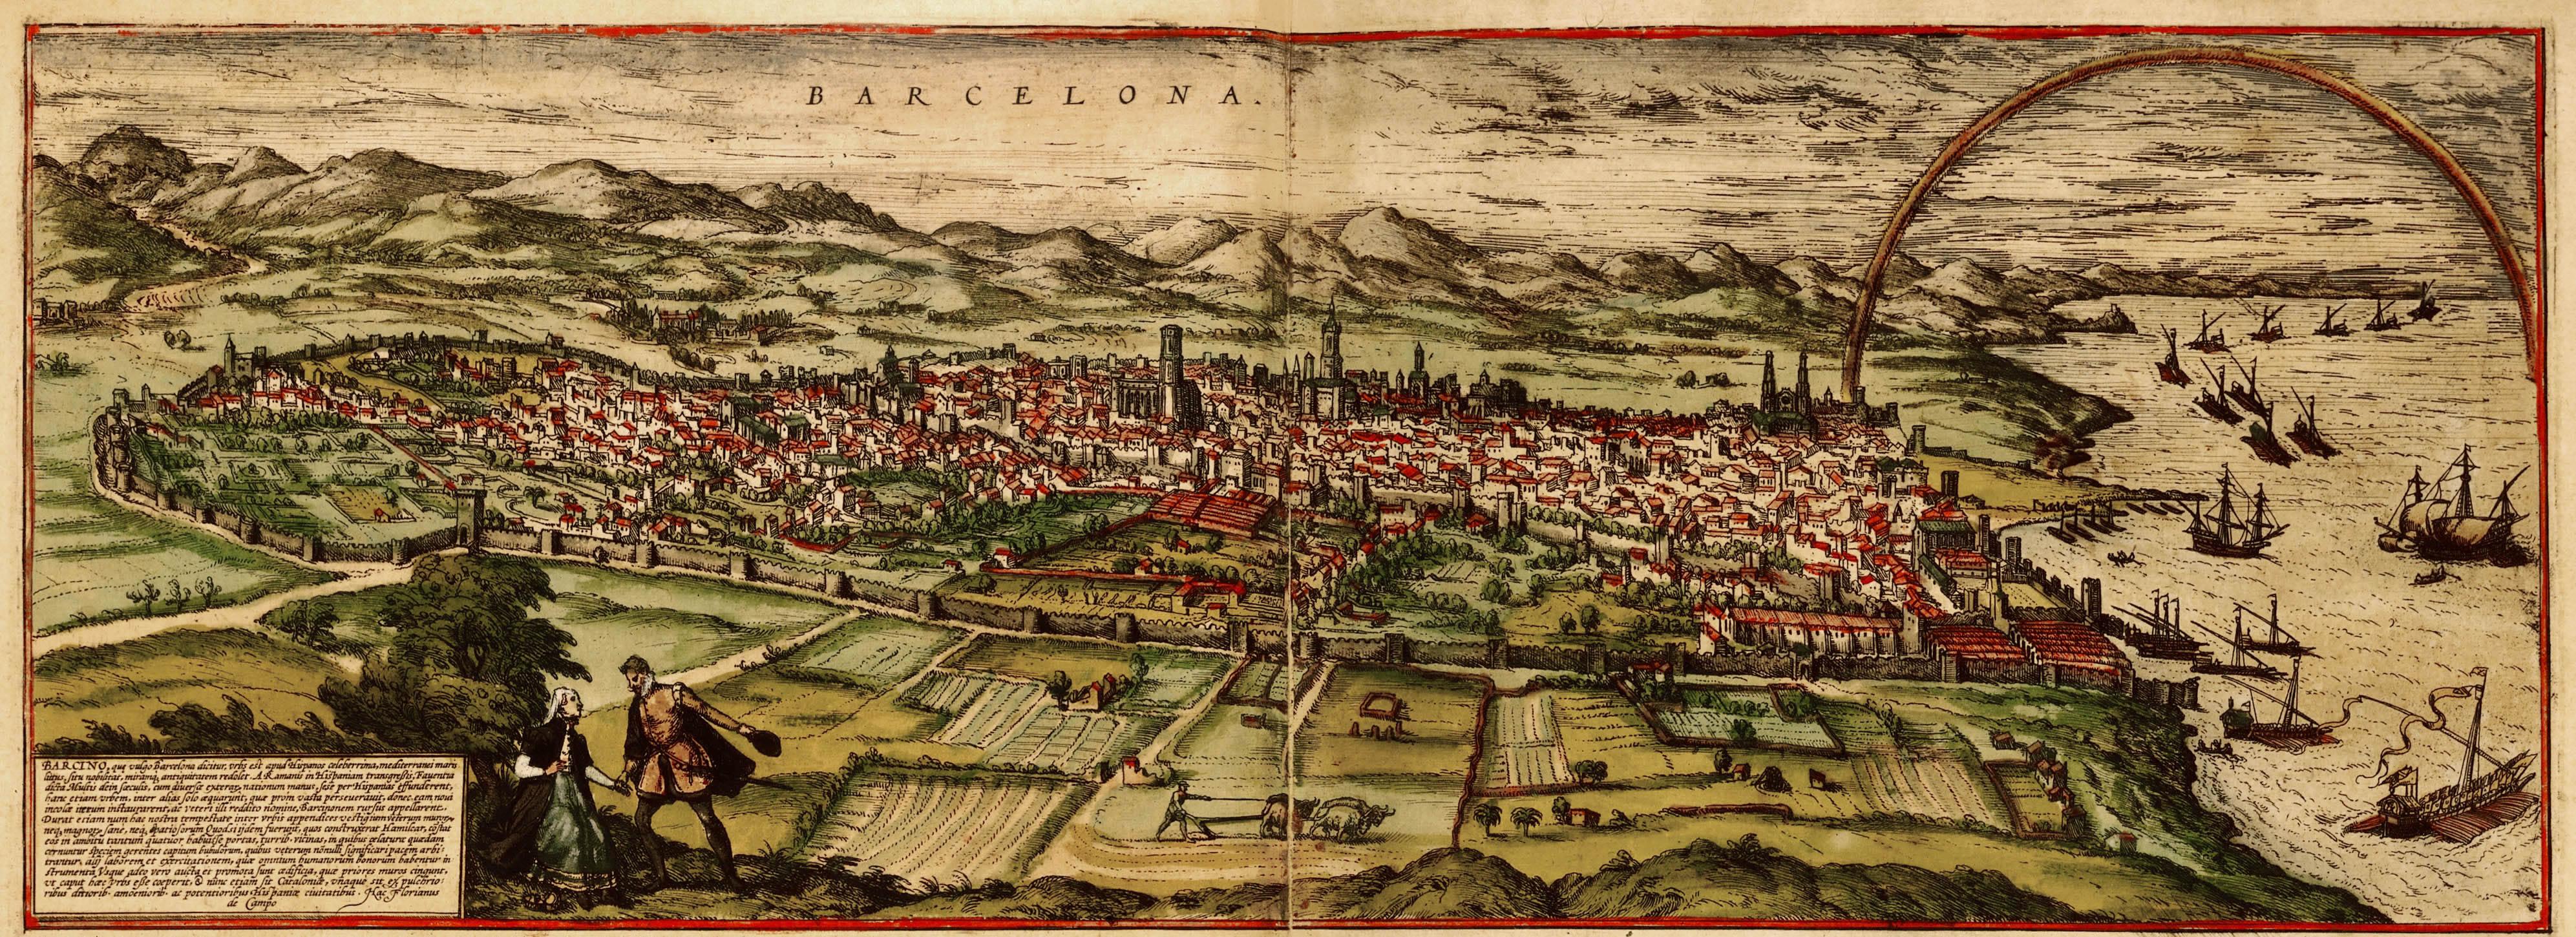 Barcelona in 1593